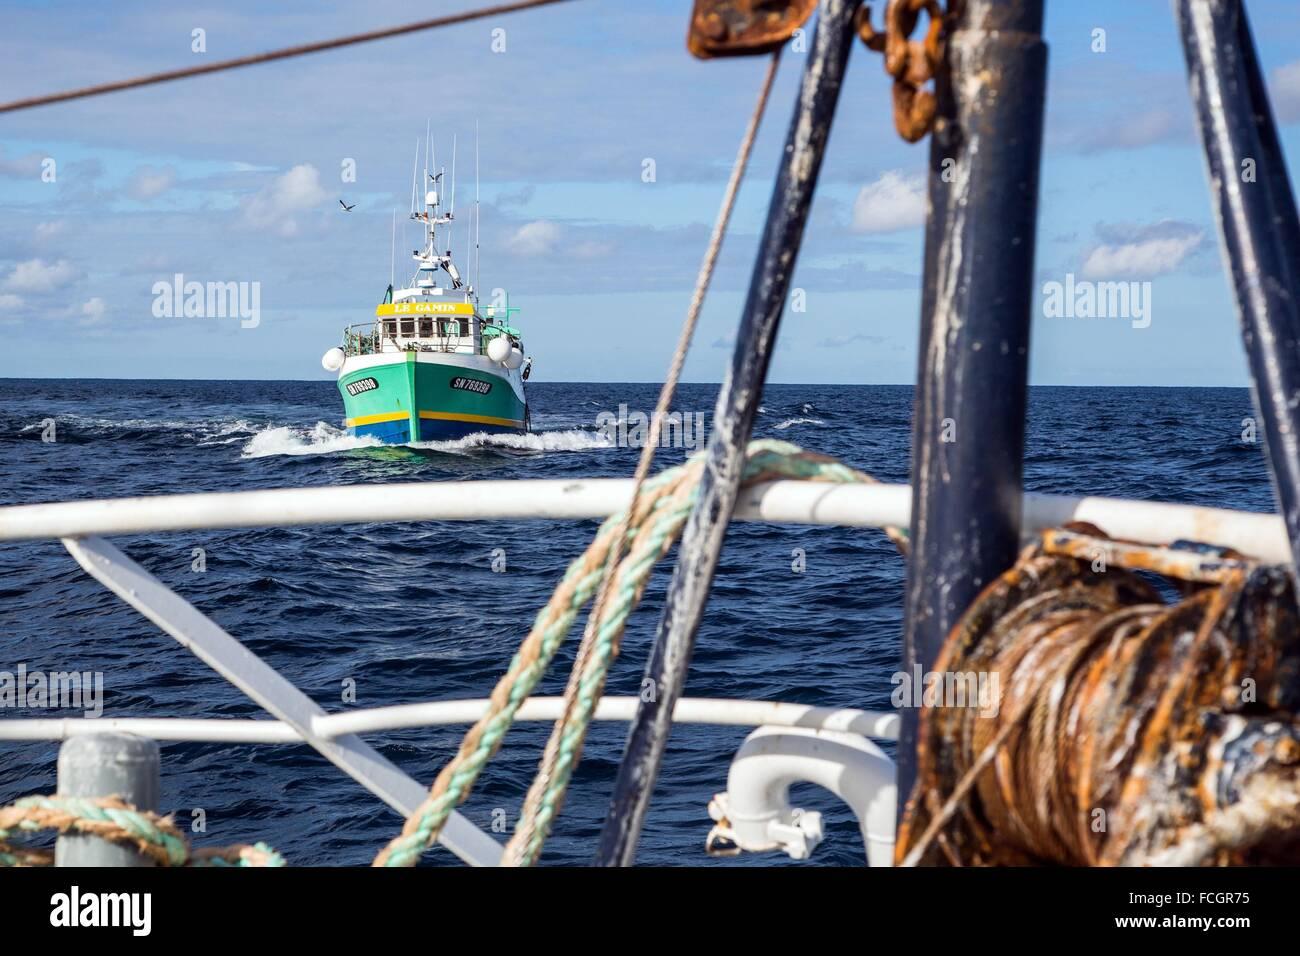 El barco 'Le Gamin' ACERCÁNDOSE A RECOGER LAS MERCANCÍAS, pescar en el mar en un arrastrero de camarones EN LA COSTA DE Sables-d'Olonne, (8 Foto de stock